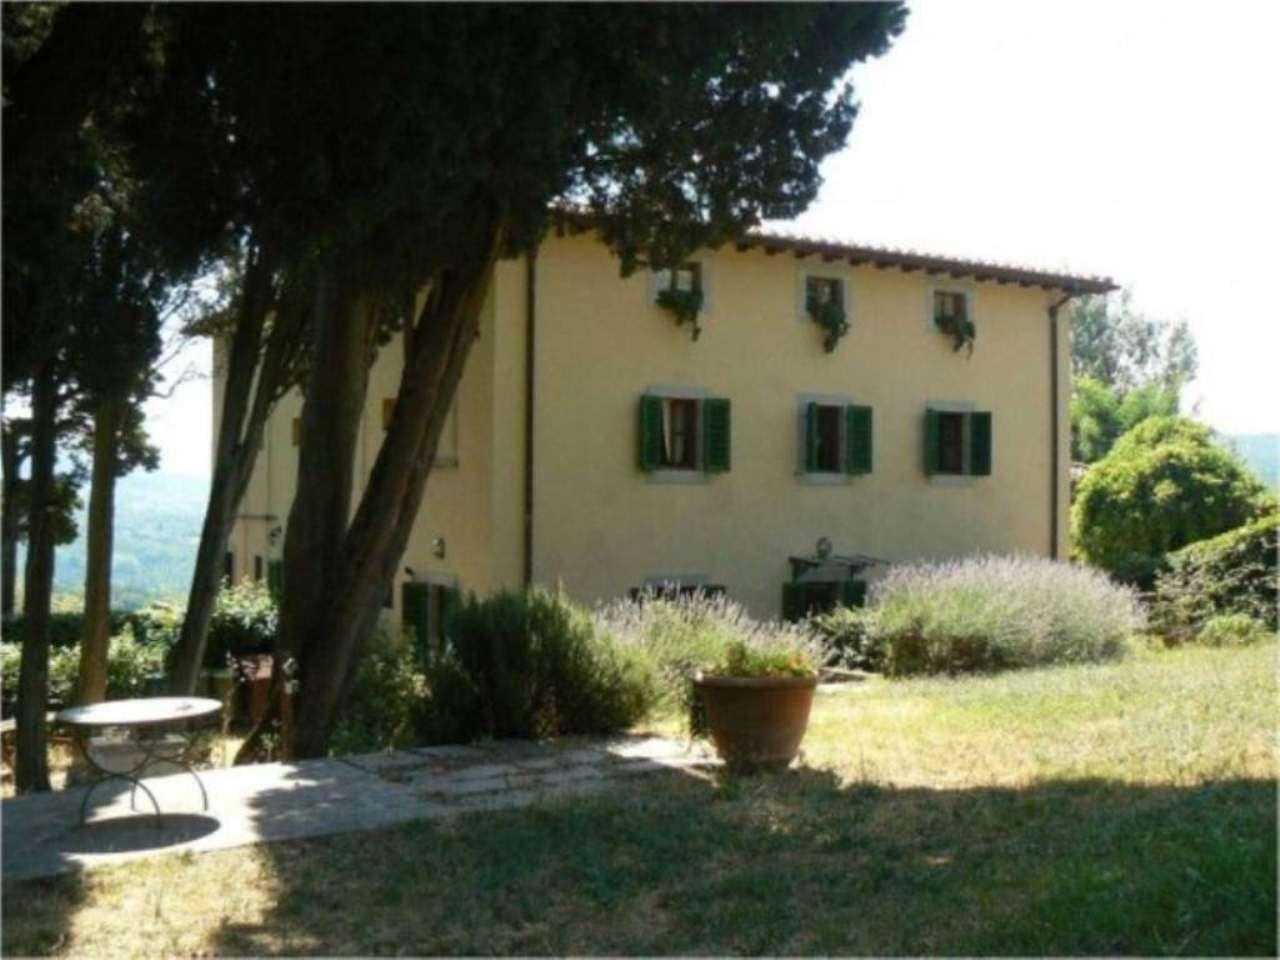 Rustico / Casale in vendita a Fiesole, 6 locali, prezzo € 580.000 | Cambio Casa.it